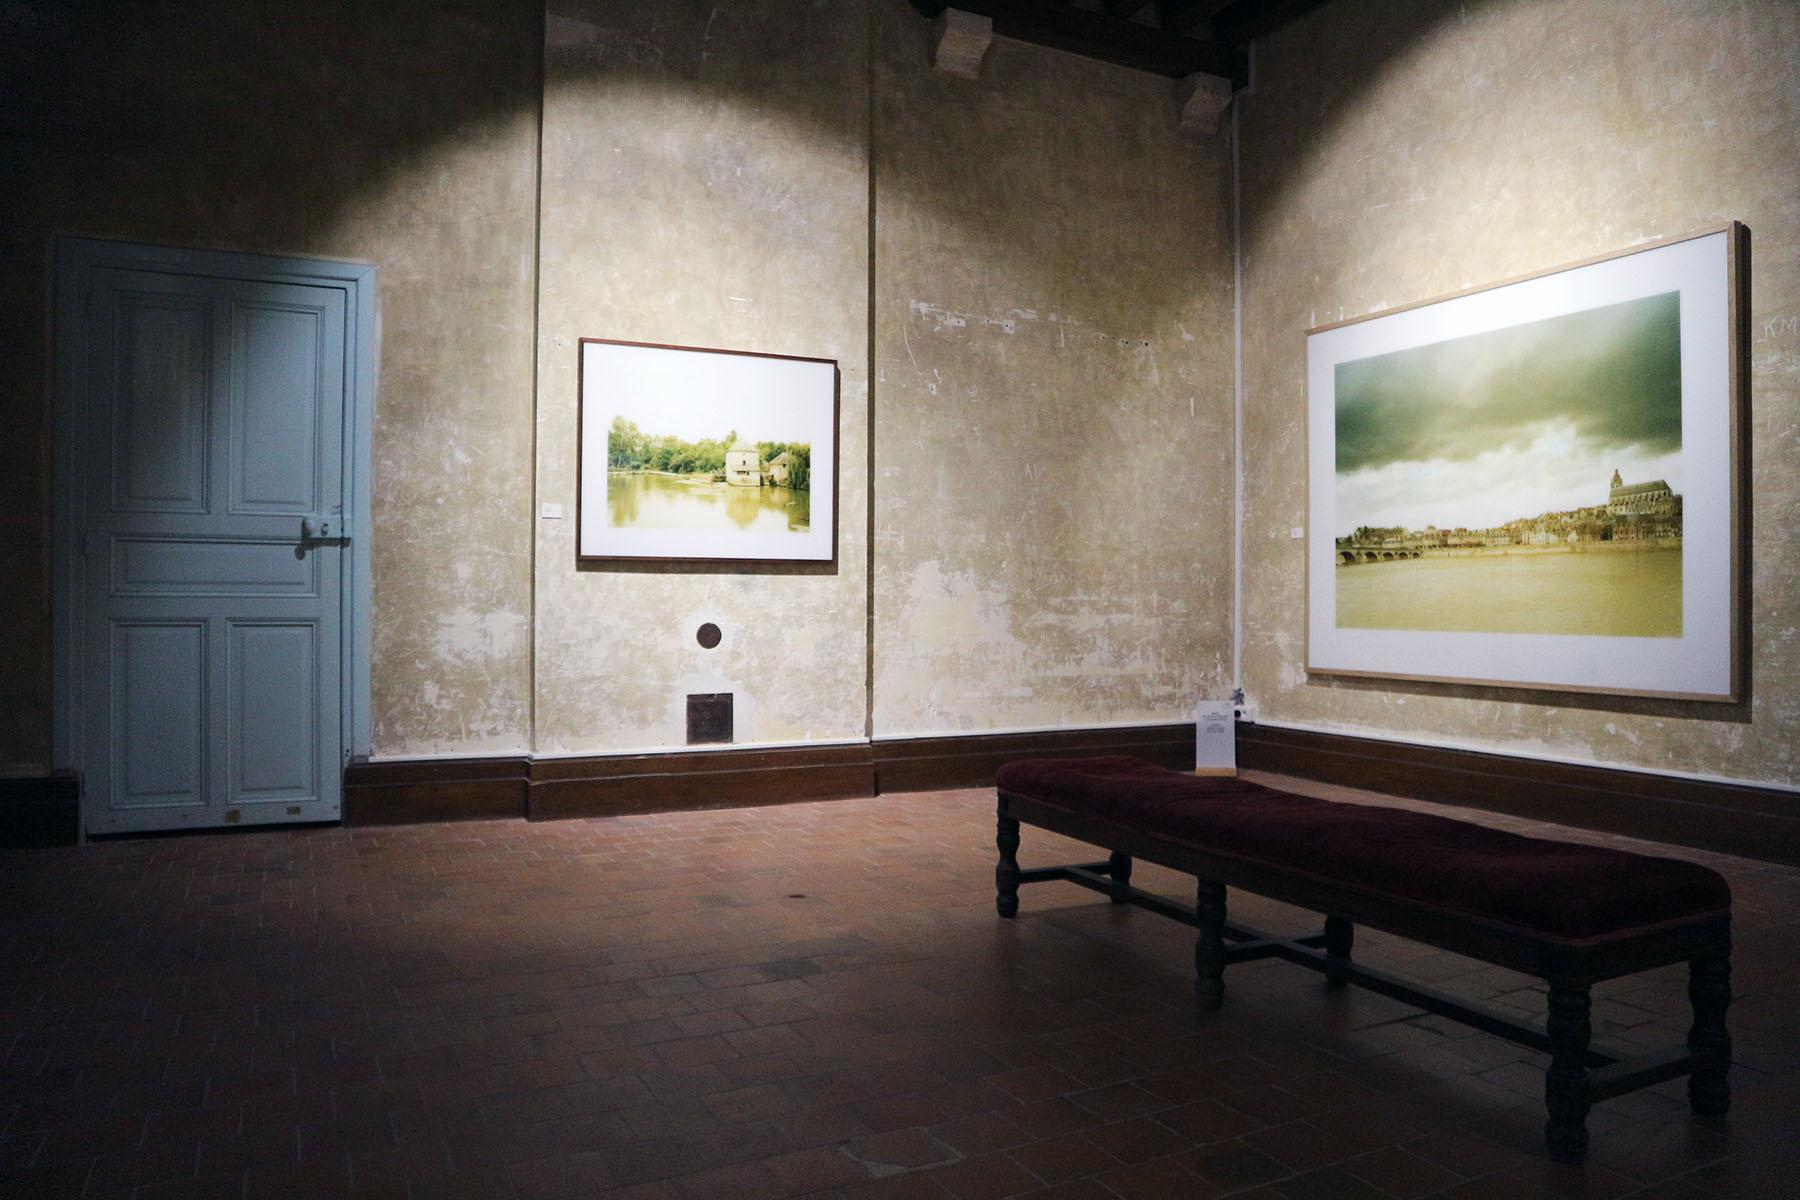 """Chaumont-sur-Loire. Mit seiner Serie """"Nil à la Loire"""" sucht der deutsch-französische Fotokünstler Elger Esser eine Verbindung der Landschaften entlang des Nils und der Loire. Das atmosphärisch und ästhetisch Dichte Werk ist im Schloss zu sehen."""